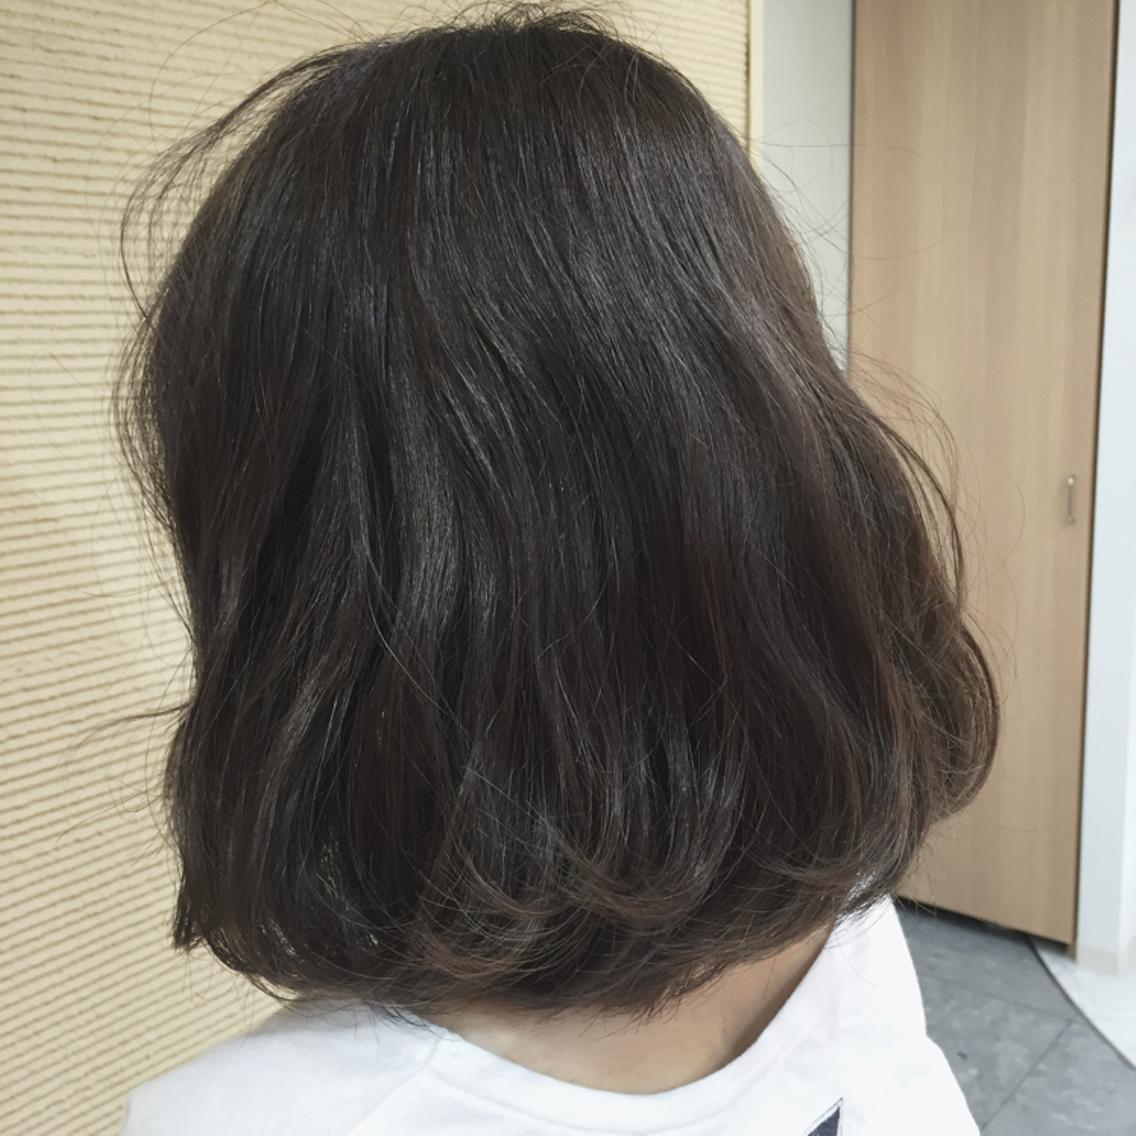 【当日予約OK】cut ¥2160〜 color・cut ¥5400〜 perm¥4590〜 デザインカラー・ハイライト+¥1500〜